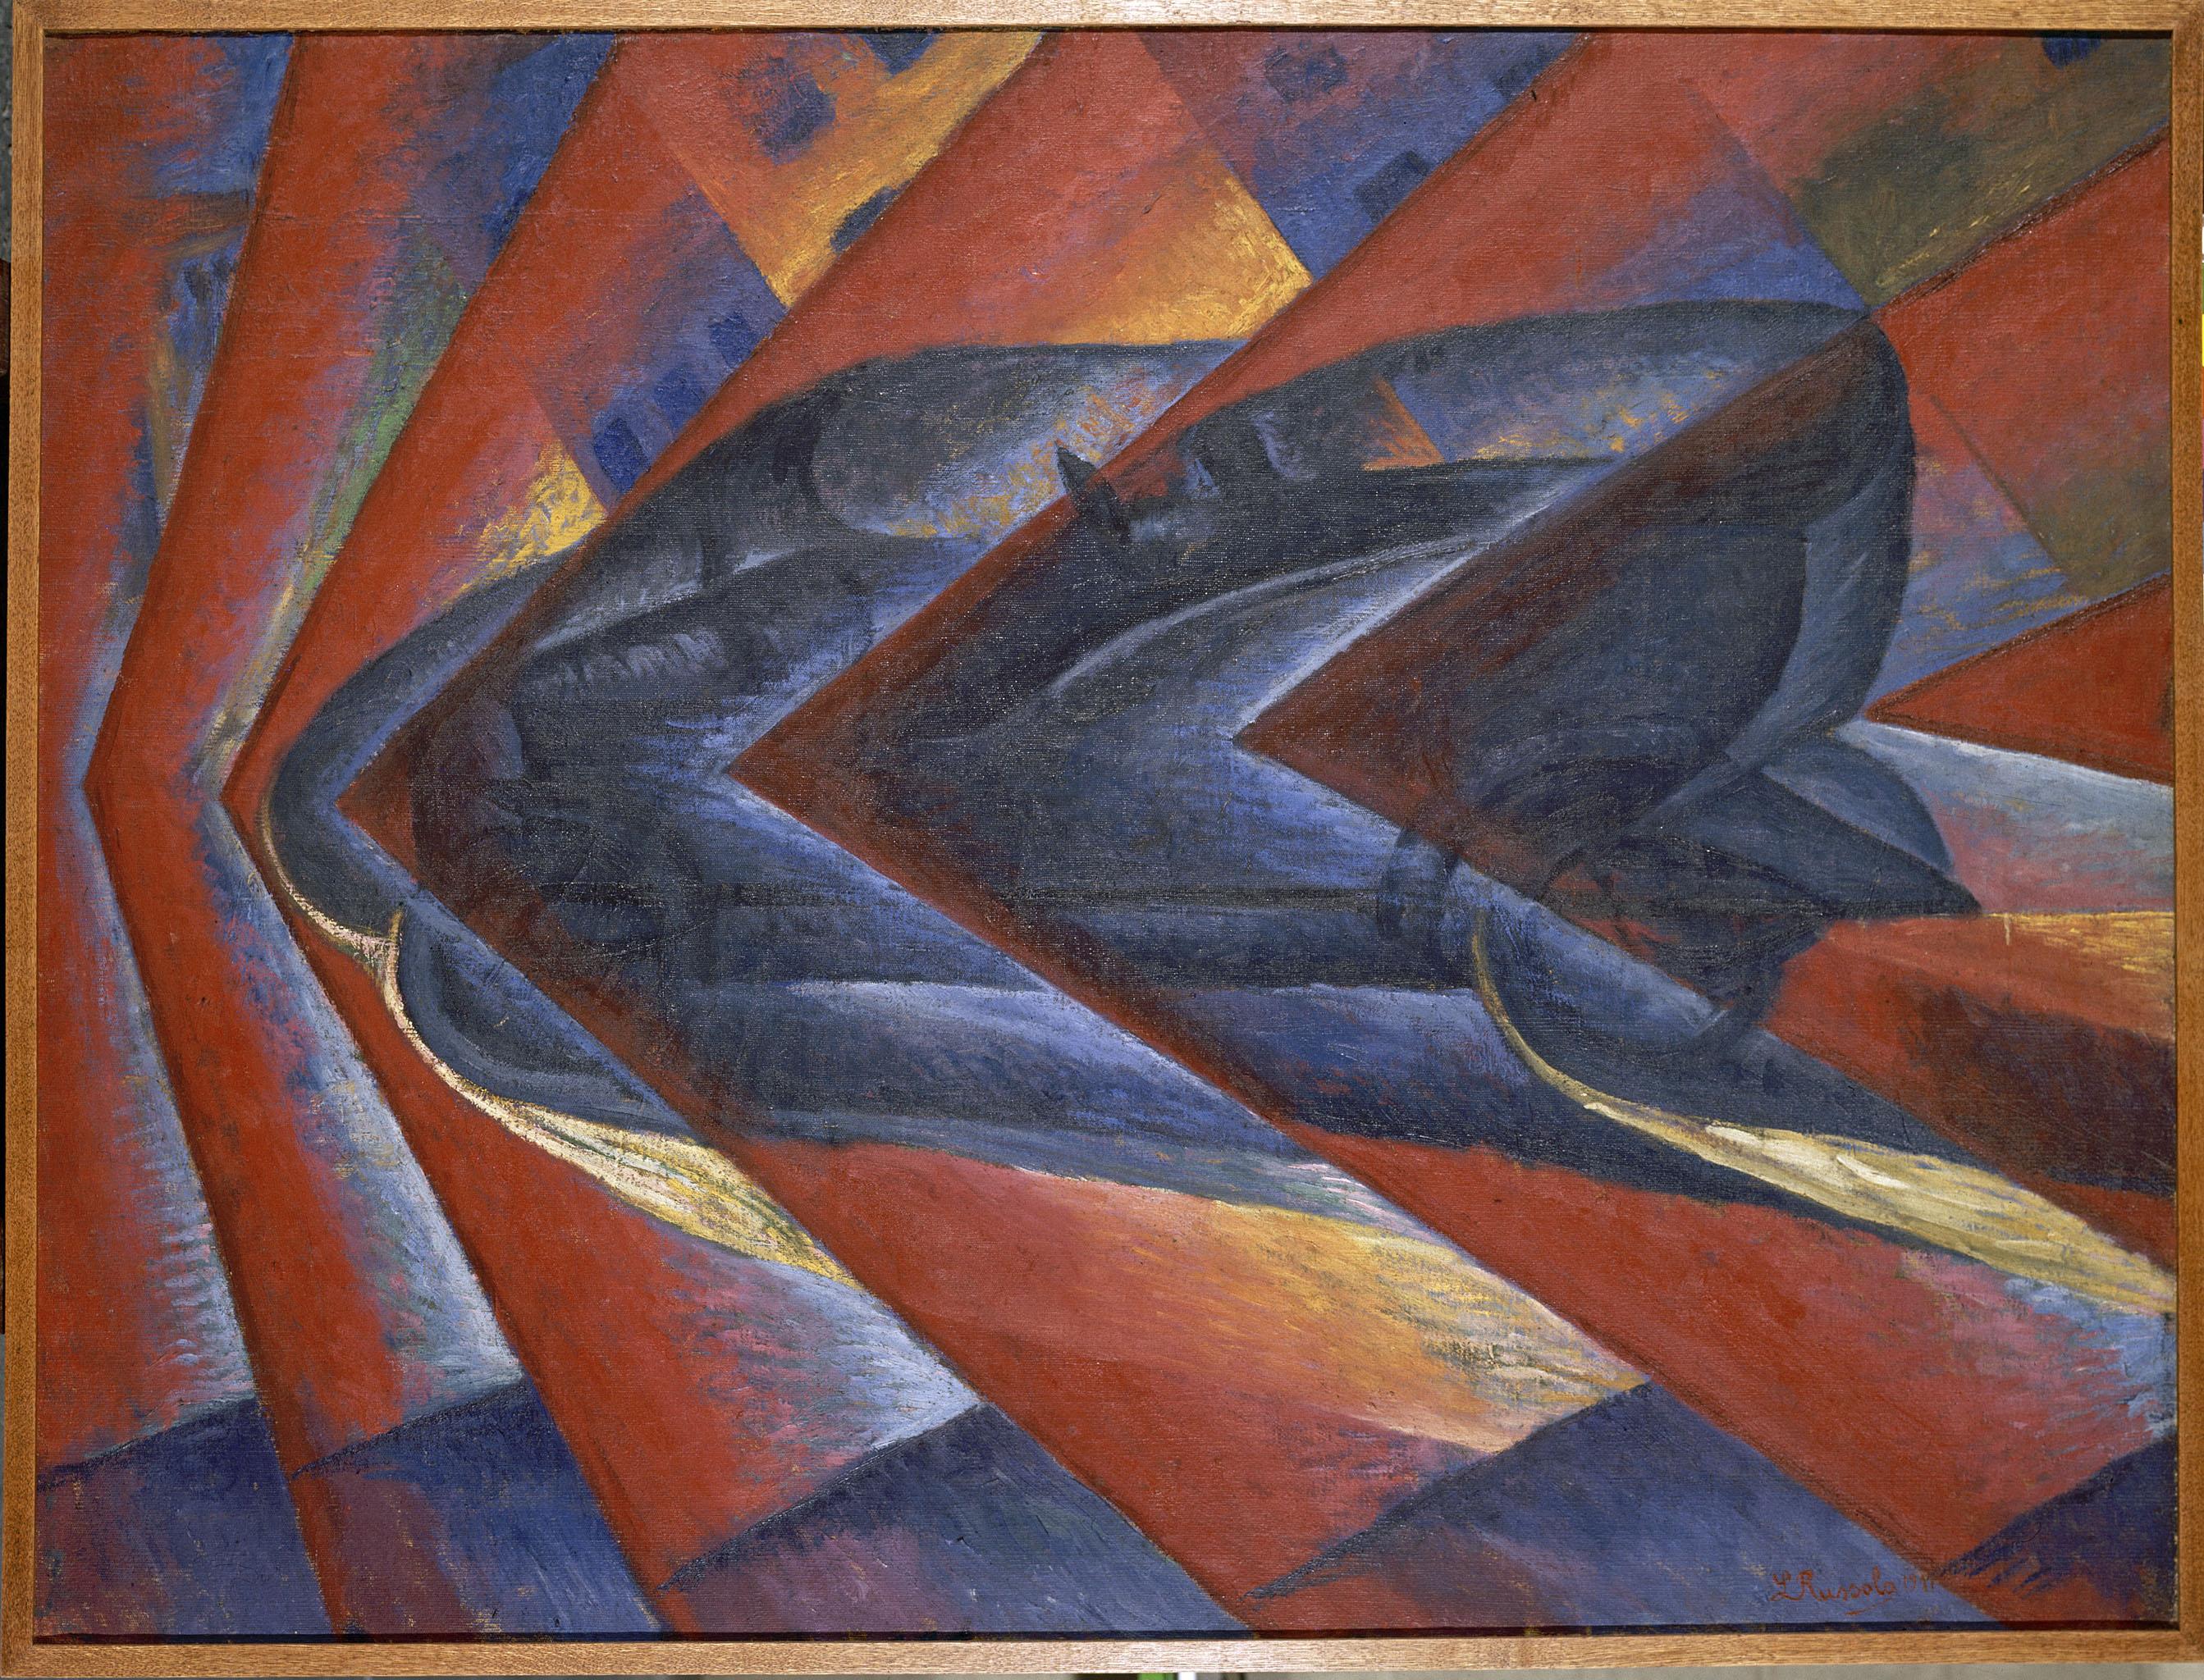 Automobile in corsa, Russolo Luigi (1885-1947). Paris, Centre Pompidou, Musée national d'art moderne, Centre de création industrielle.